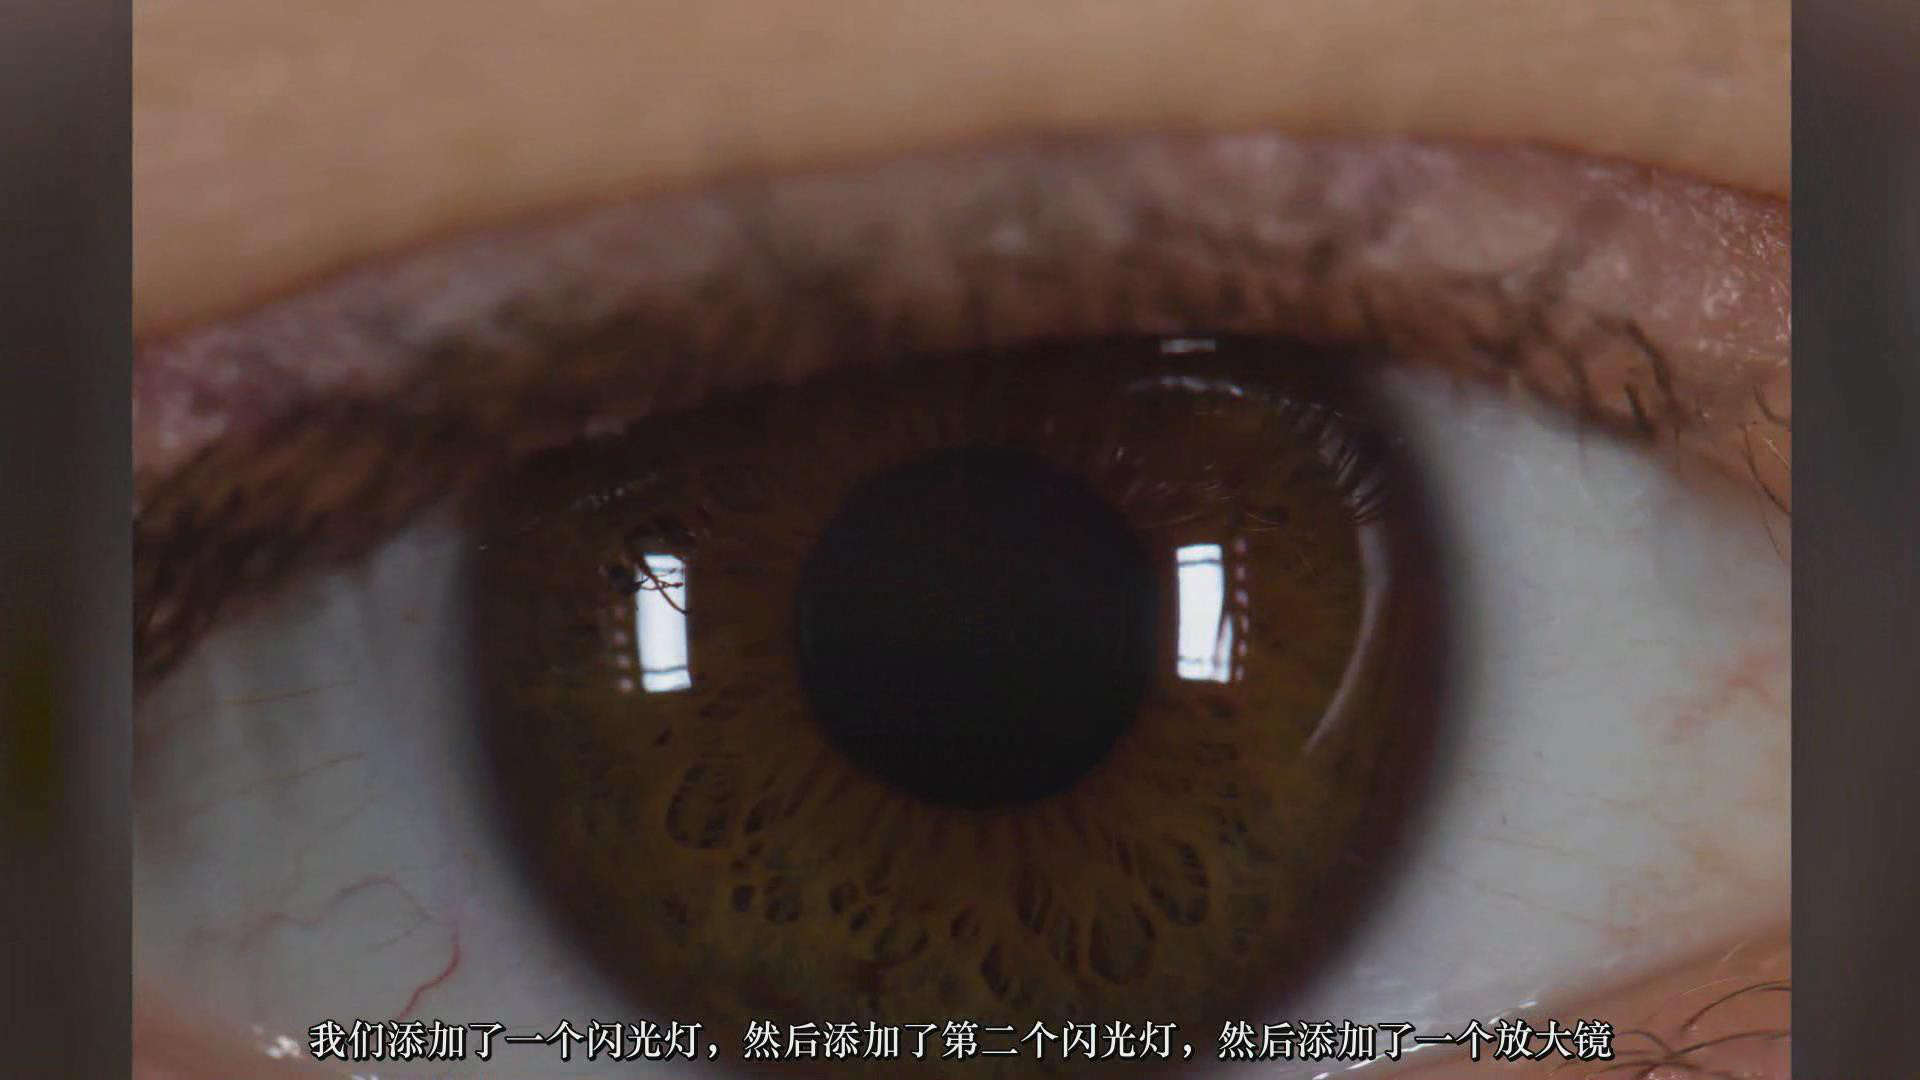 摄影教程_JOSHUA DUNLOP-掌握宏观微距摄影-捕捉惊人的细节-中文字幕 摄影教程 _预览图11